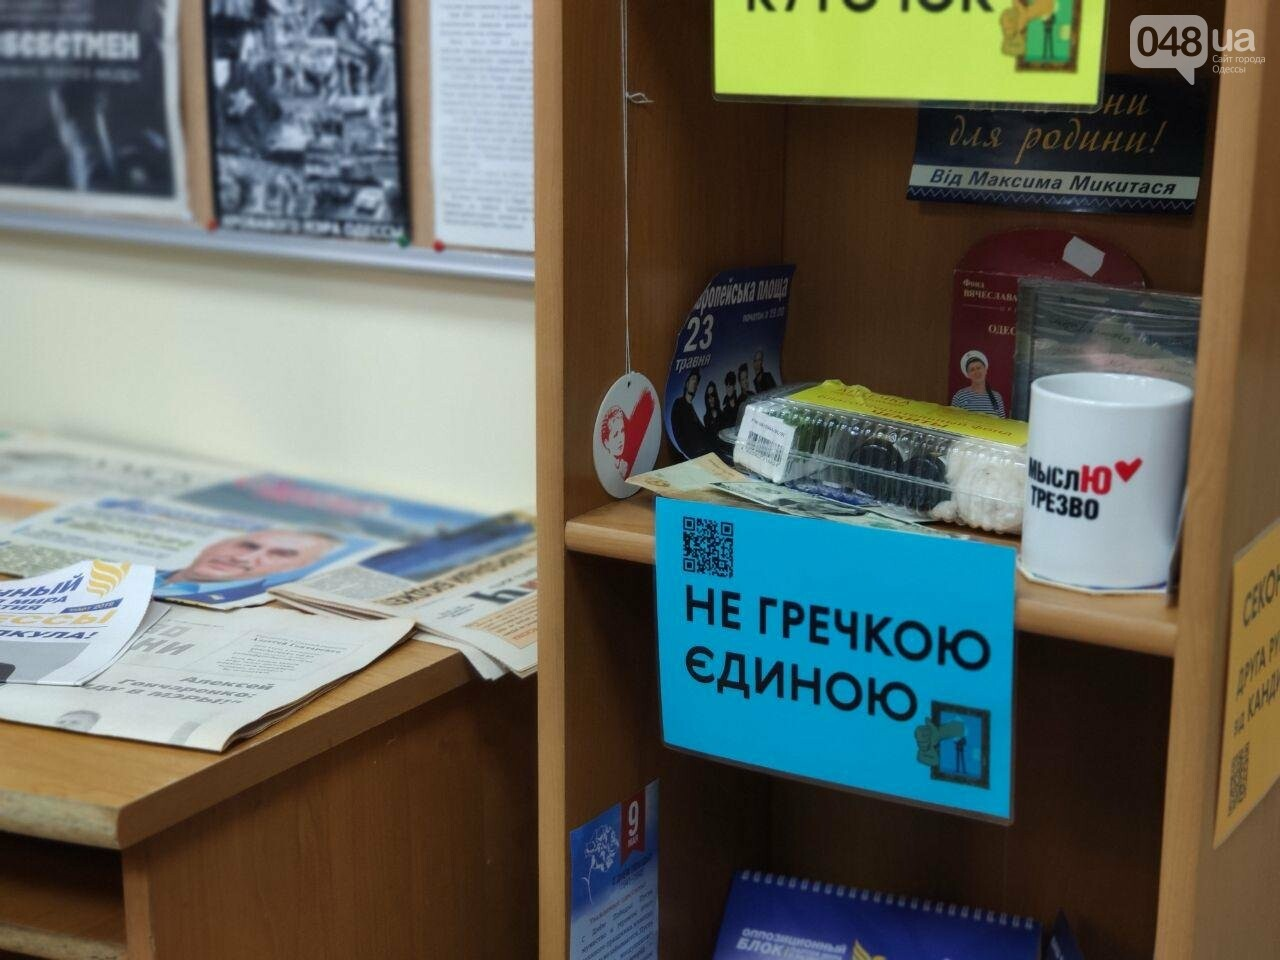 Гречка и секонд-хенд от кандидата: что посмотреть в новом музее выборов в Одессе, - ФОТОРЕПОРТАЖ, фото-5